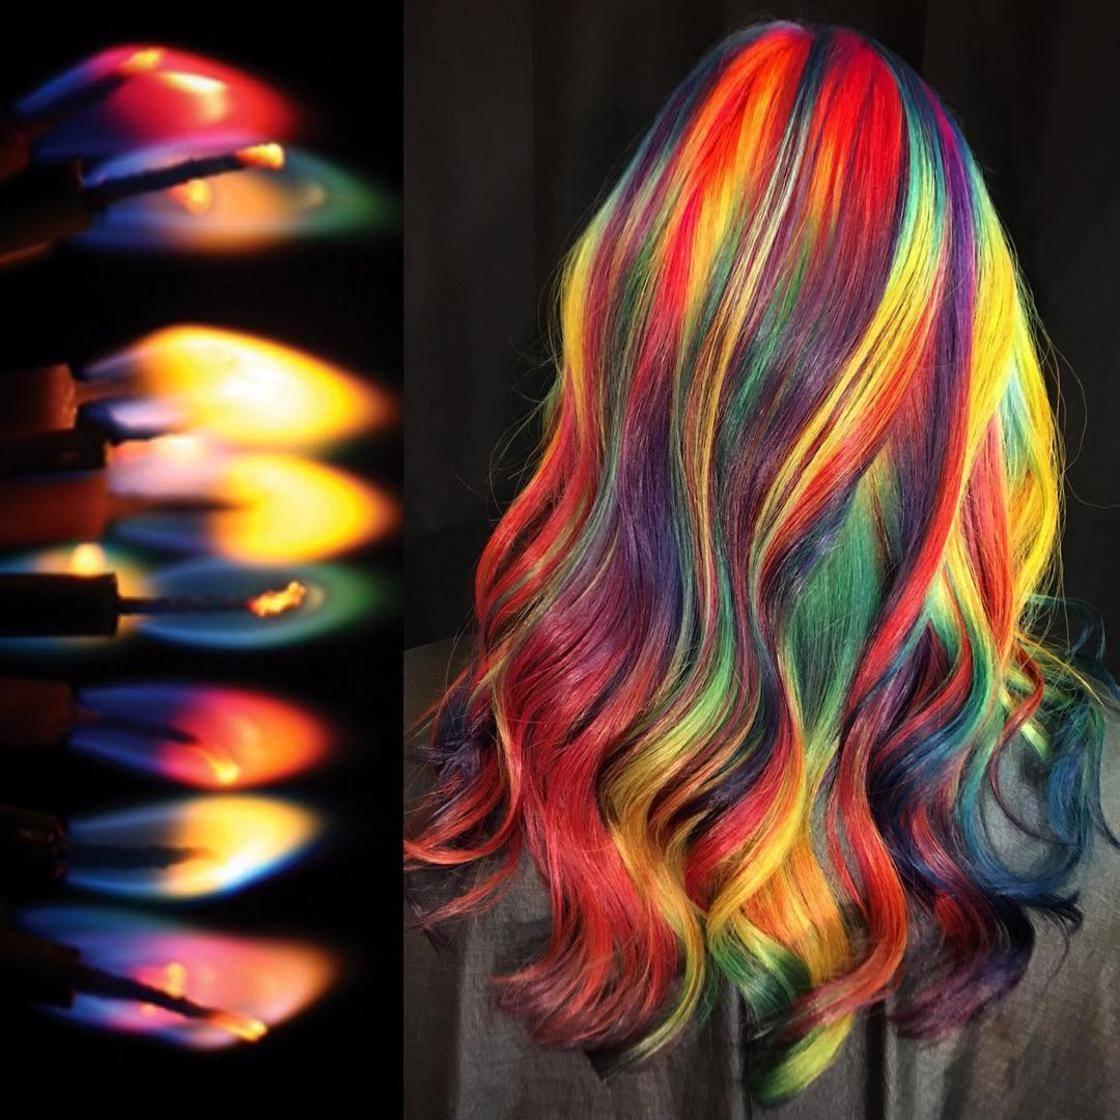 Artista se inspira em imagens fantásticas para mudar a cor do cabelo 15